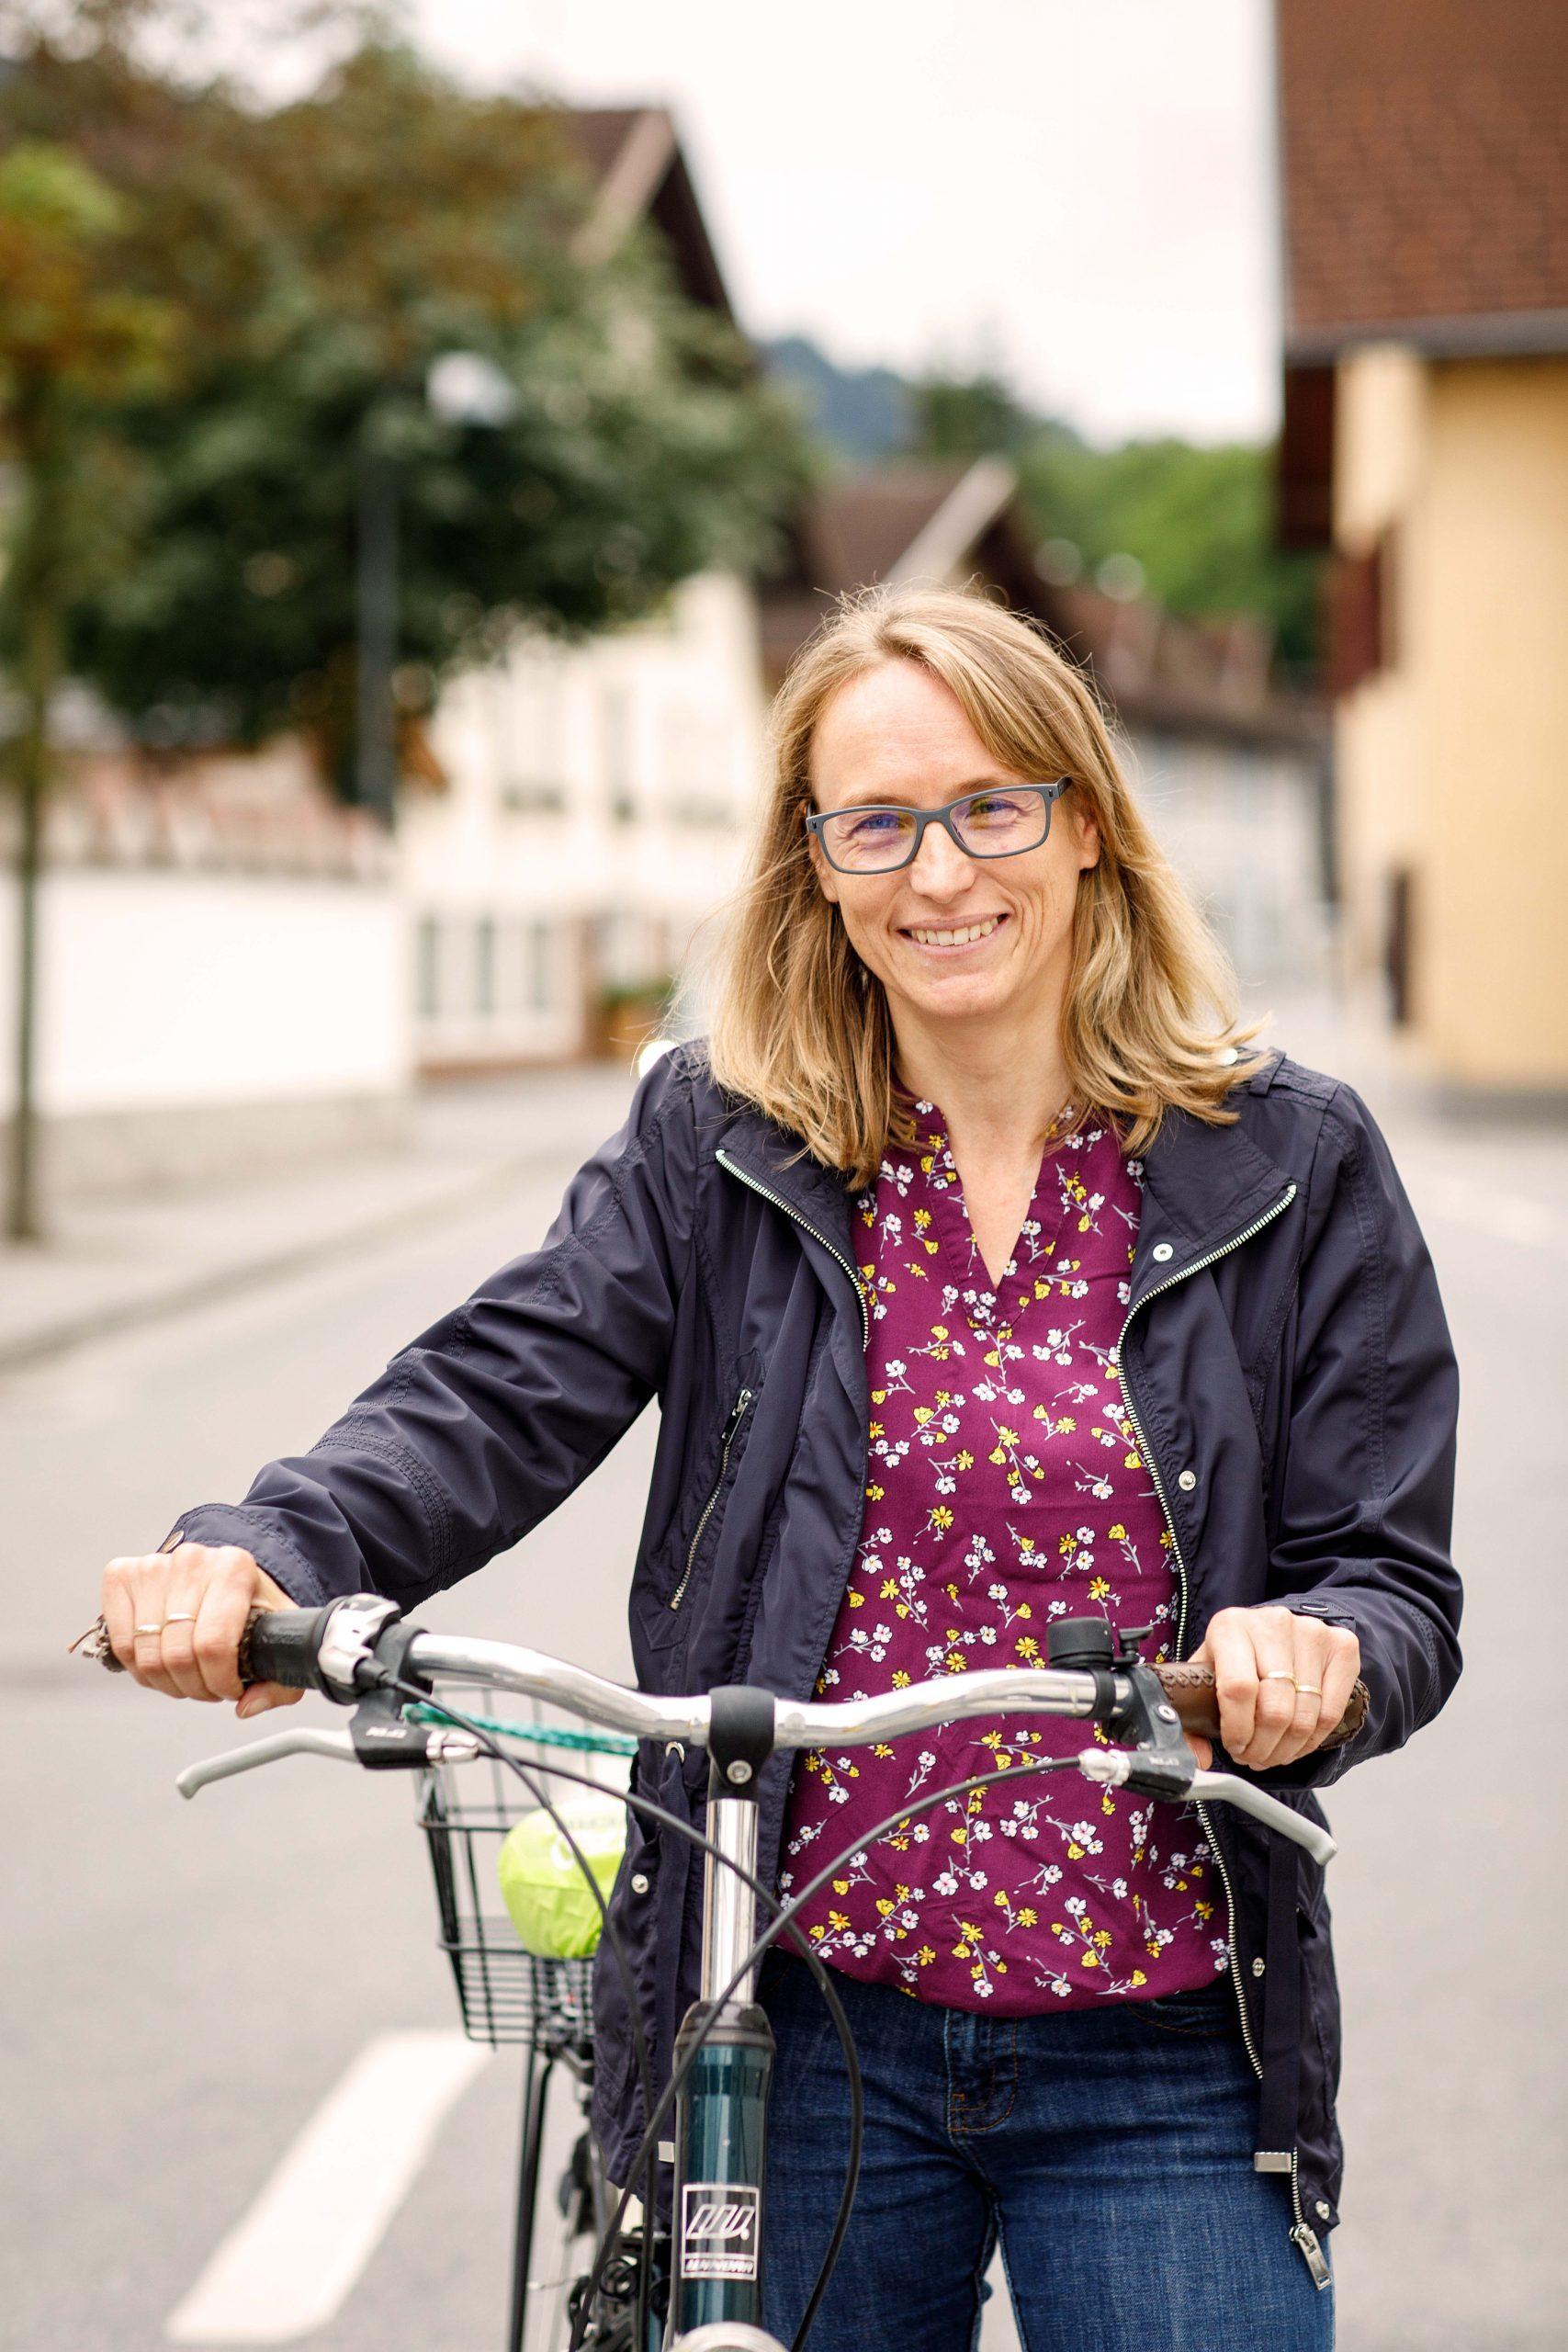 Tirol radelt: Der Tiroler Fahrradwettbewerb feiert heuer seinen 10. Geburtstag. Anmelden unter tirol.radelt.at, Kilometer sammeln und gewinnen!